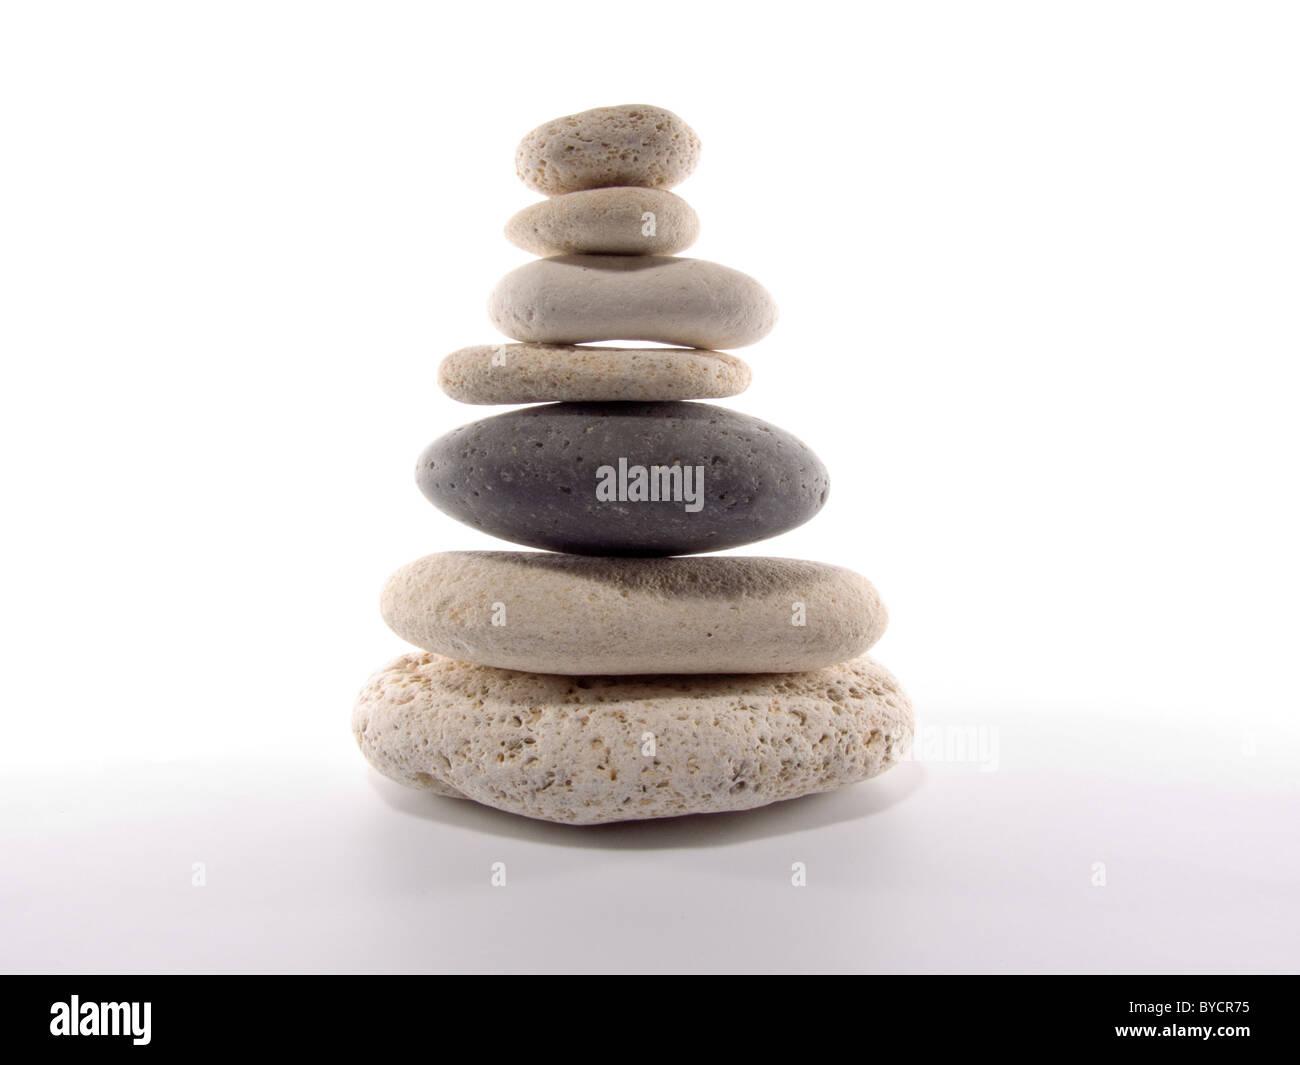 Piedras, equilibrio, arreglo, conceptos, estabilidad, aislado, blanco, pila, zen, guijarro, la armonía, la Imagen De Stock